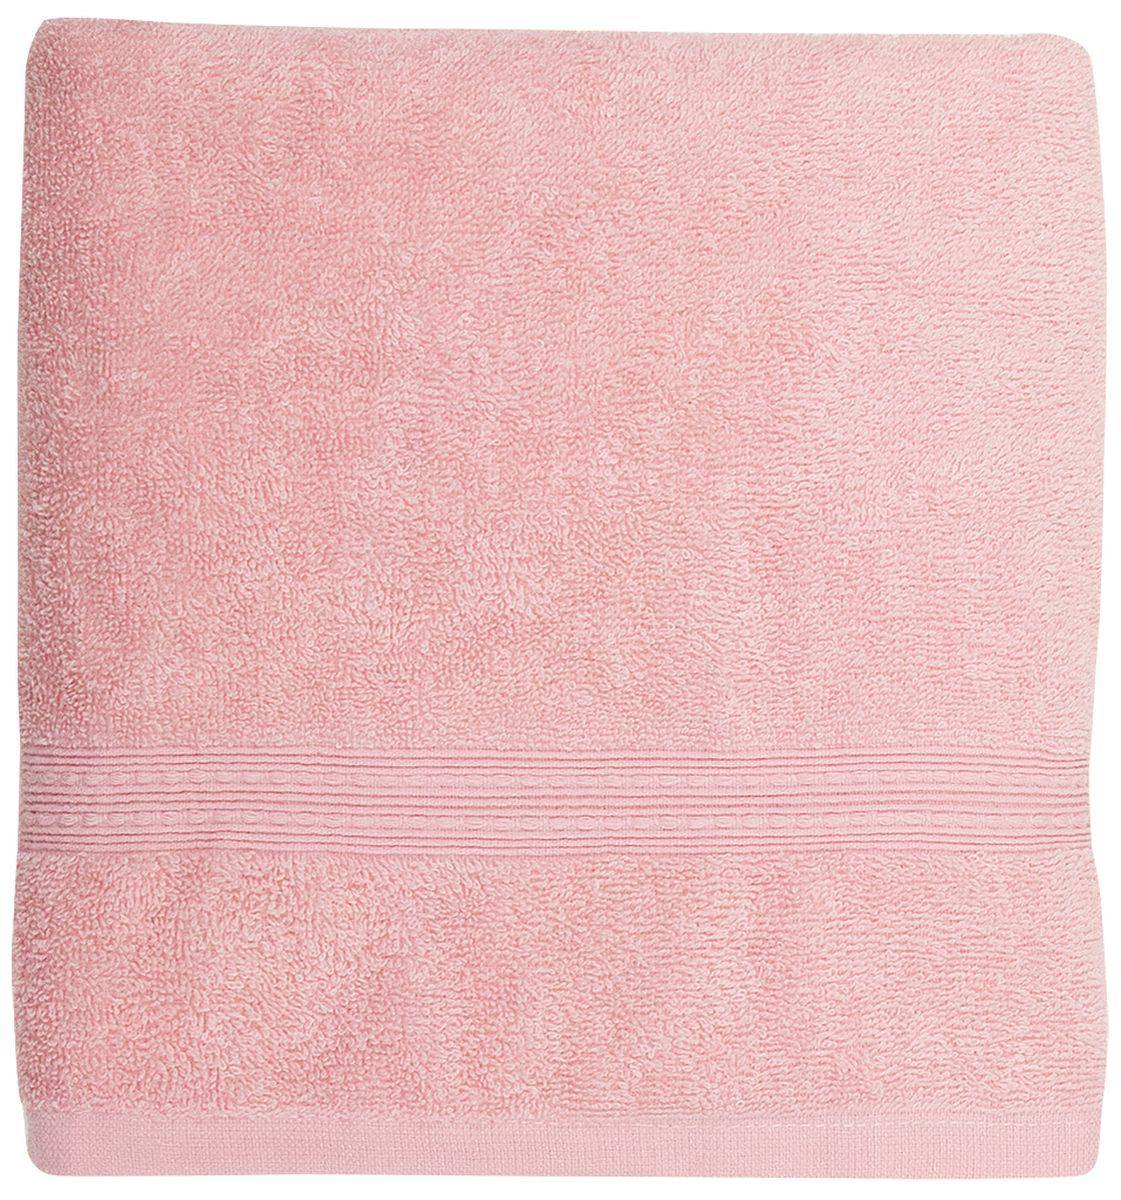 Полотенце банное Bonita Classic, махровое, цвет: роза, 50 x 90 смS03301004Полотенце банное 50*90 Bonita Classic, махровое